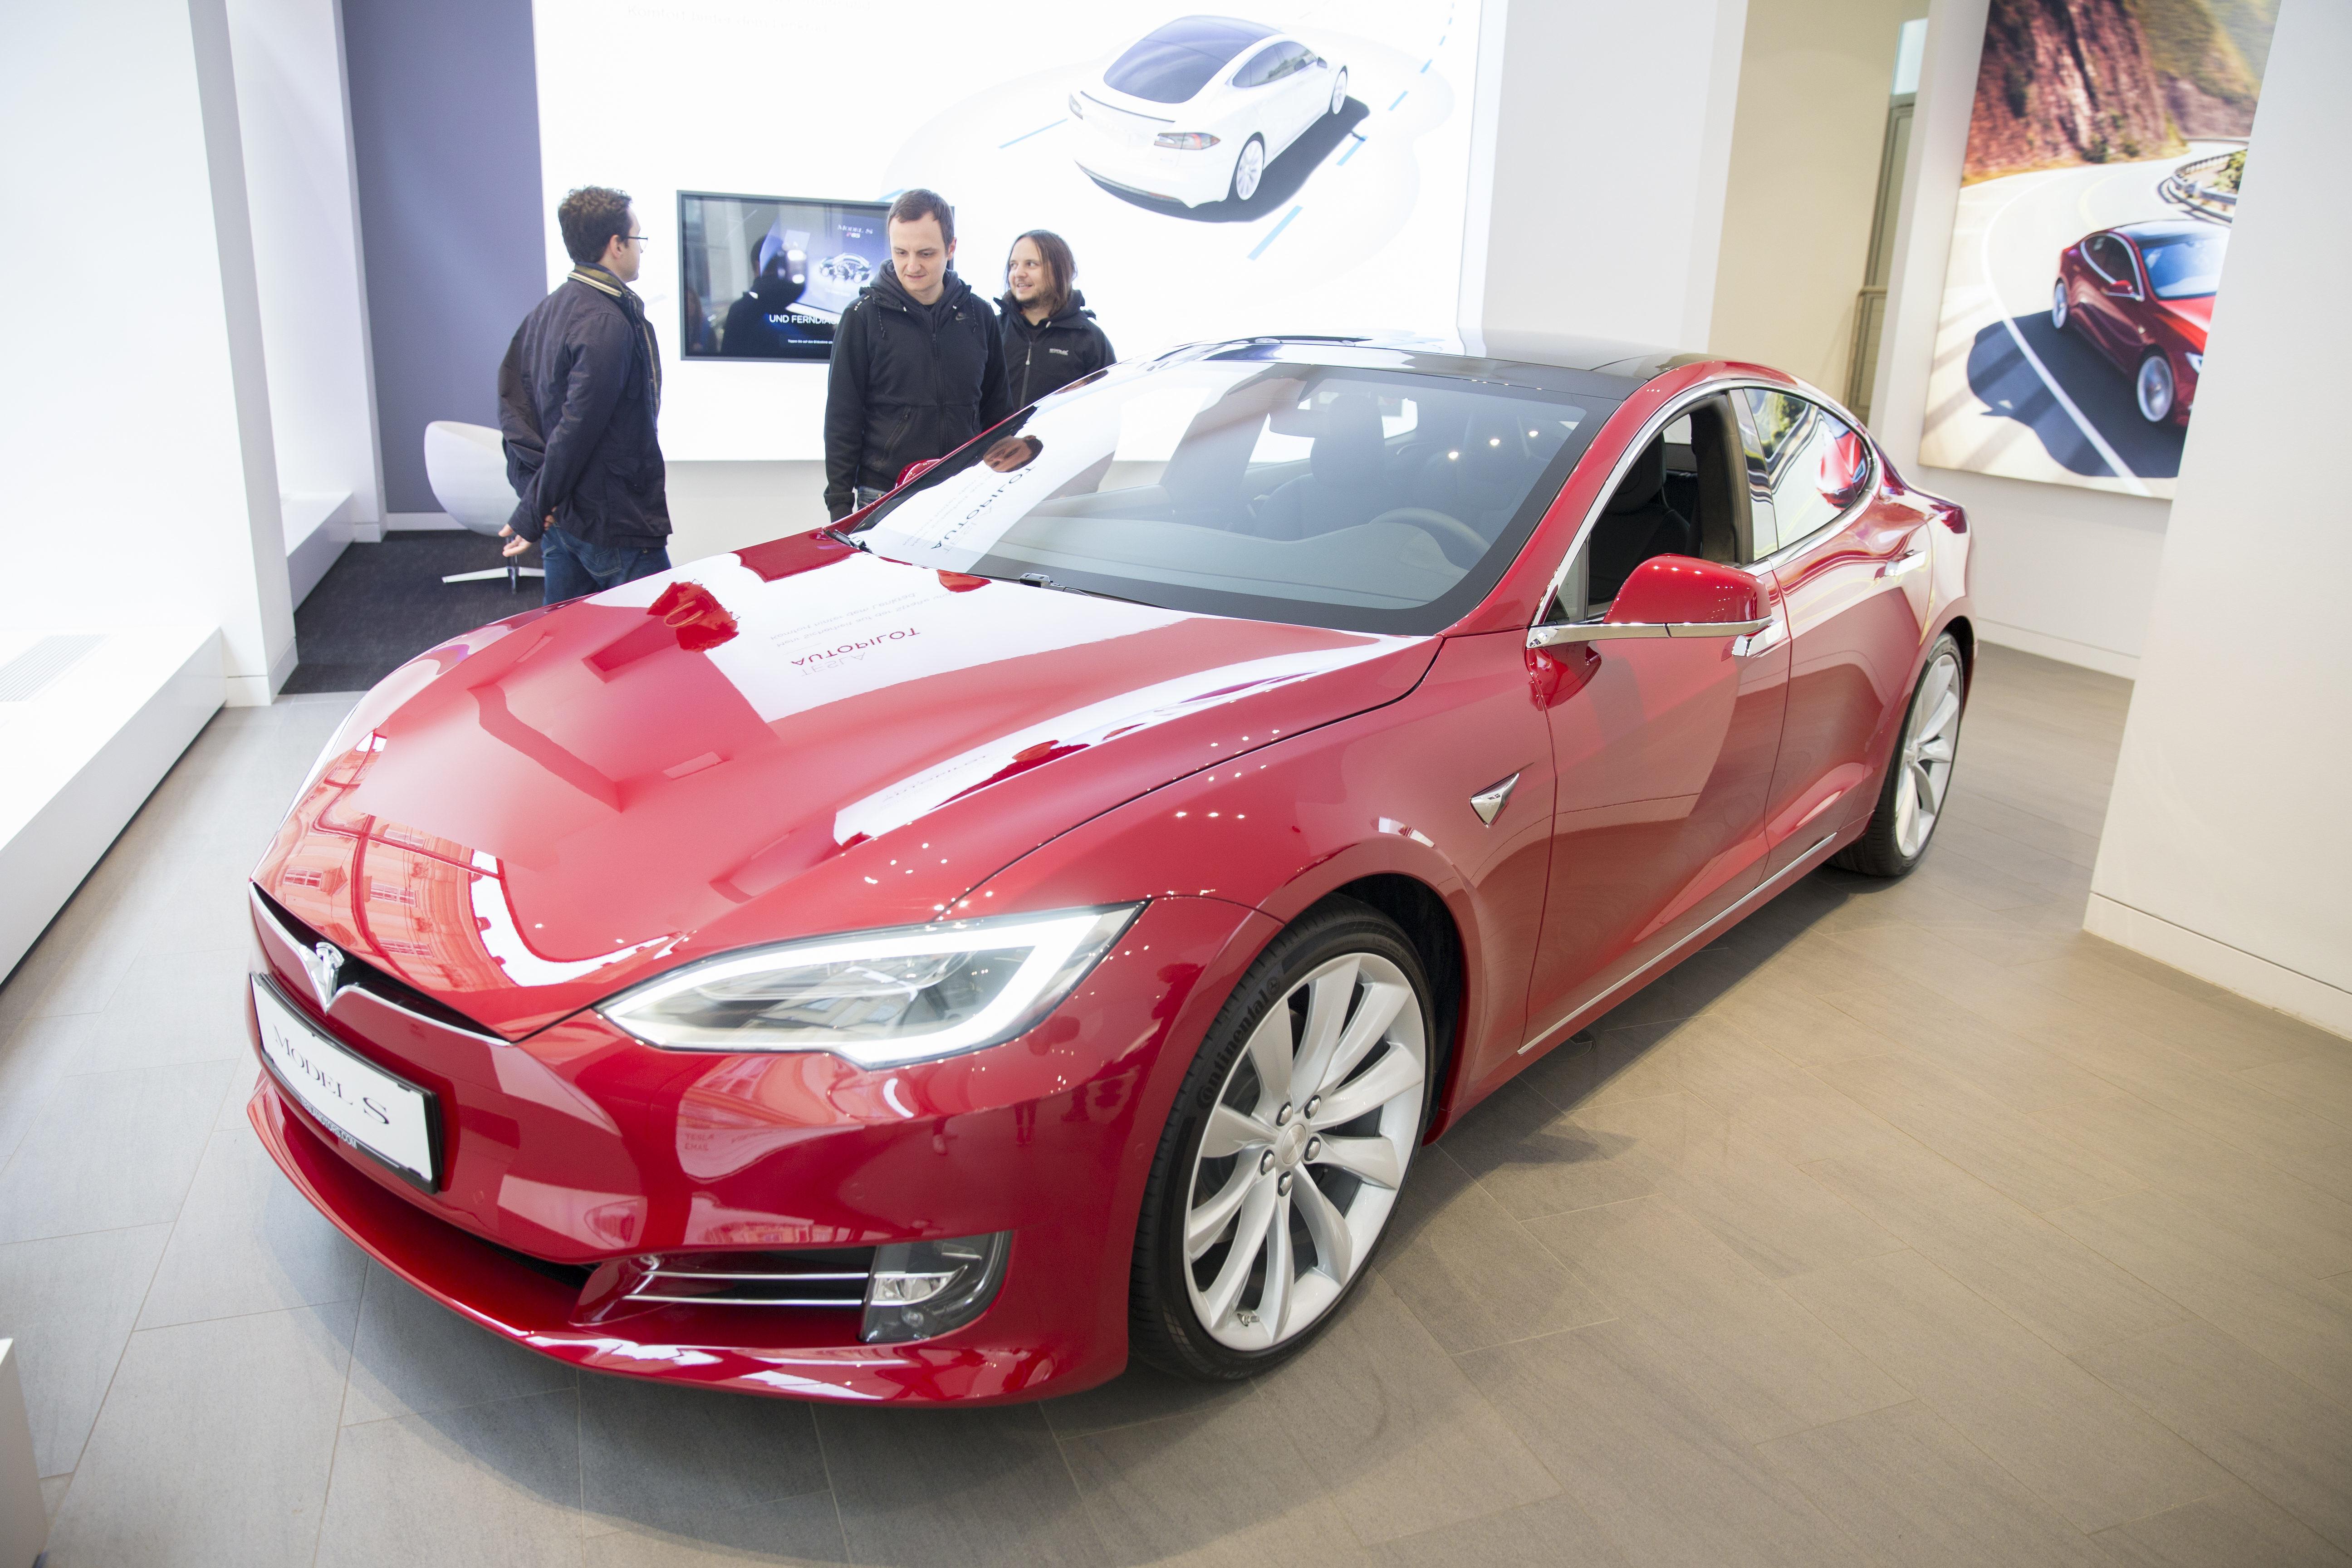 Специалисты составили рейтинг авто, покупка которых неможет разочаровать